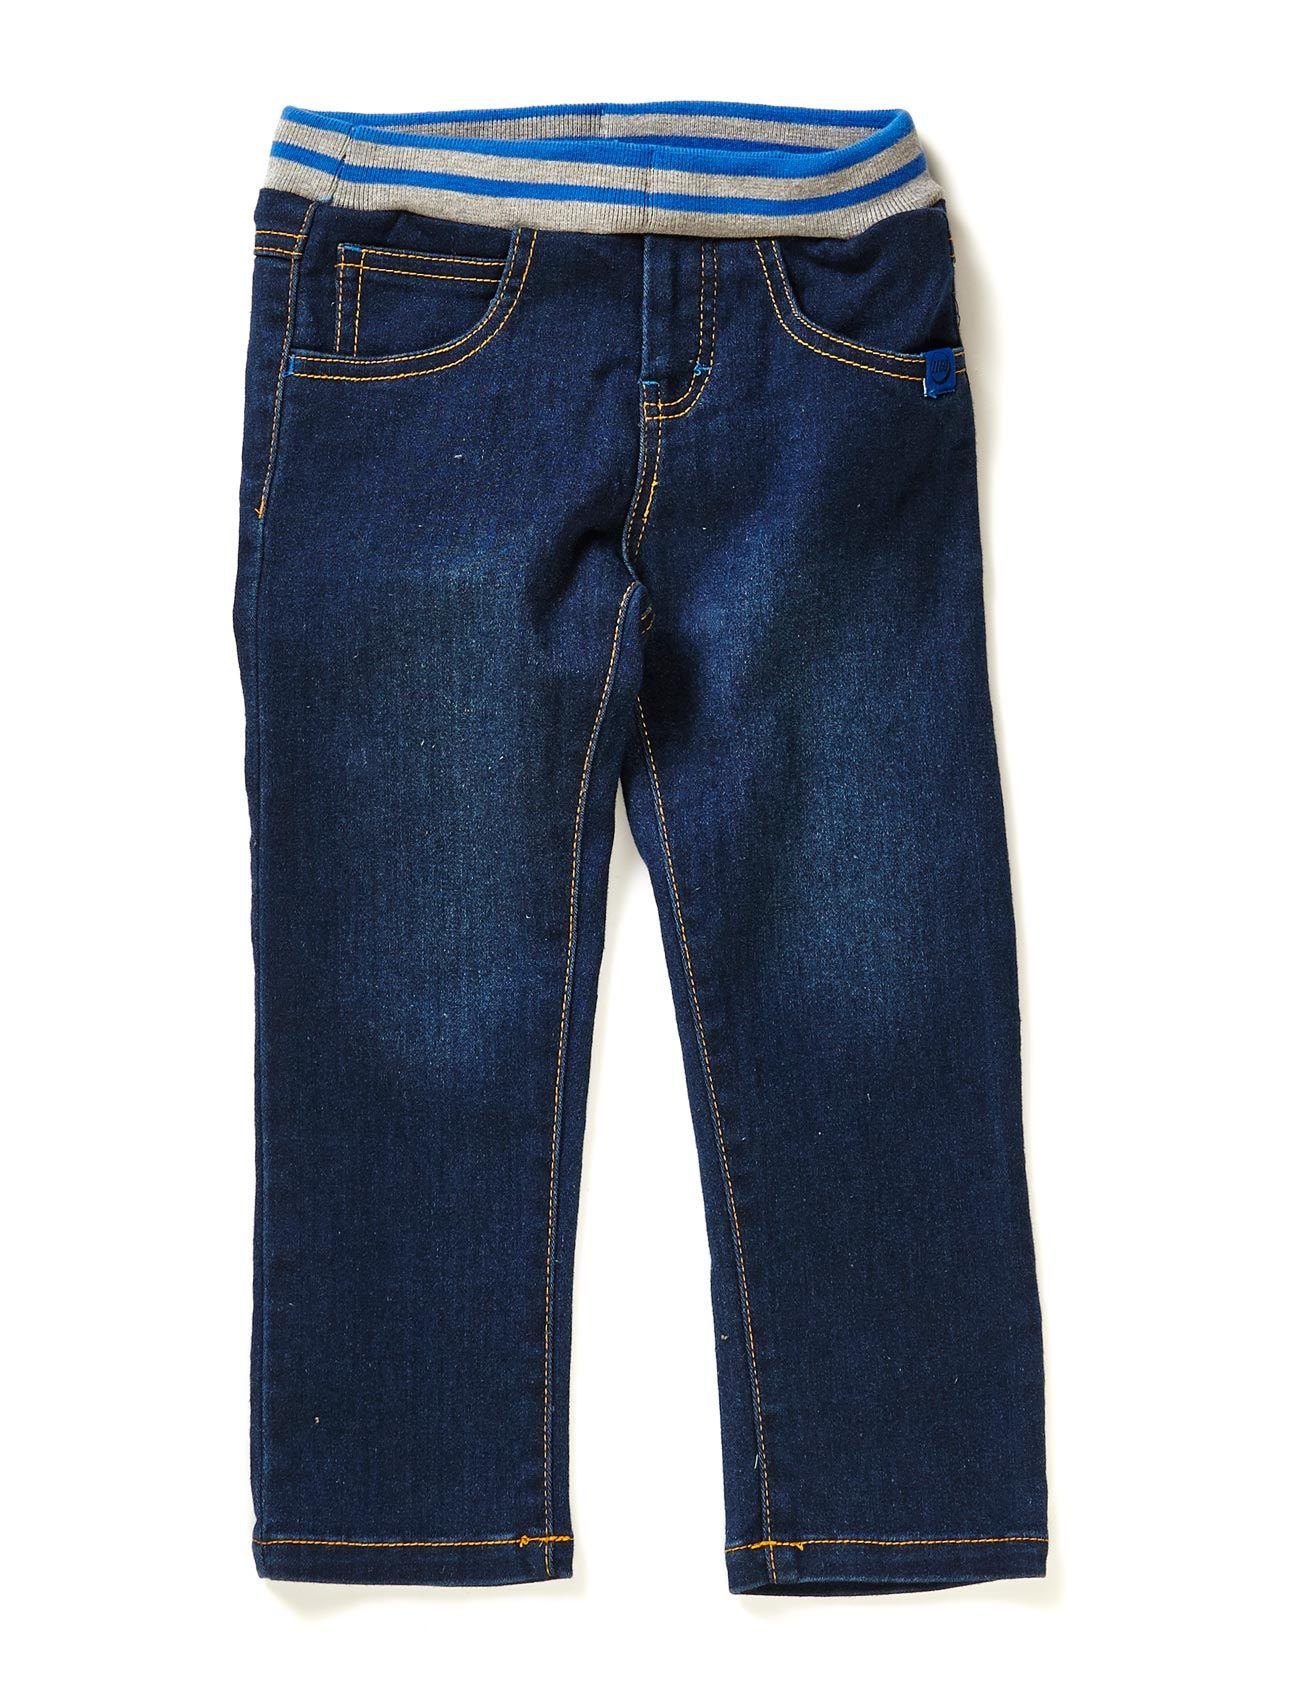 Imagine 504 - Jeans Lego wear Jeans til Børn i Blå